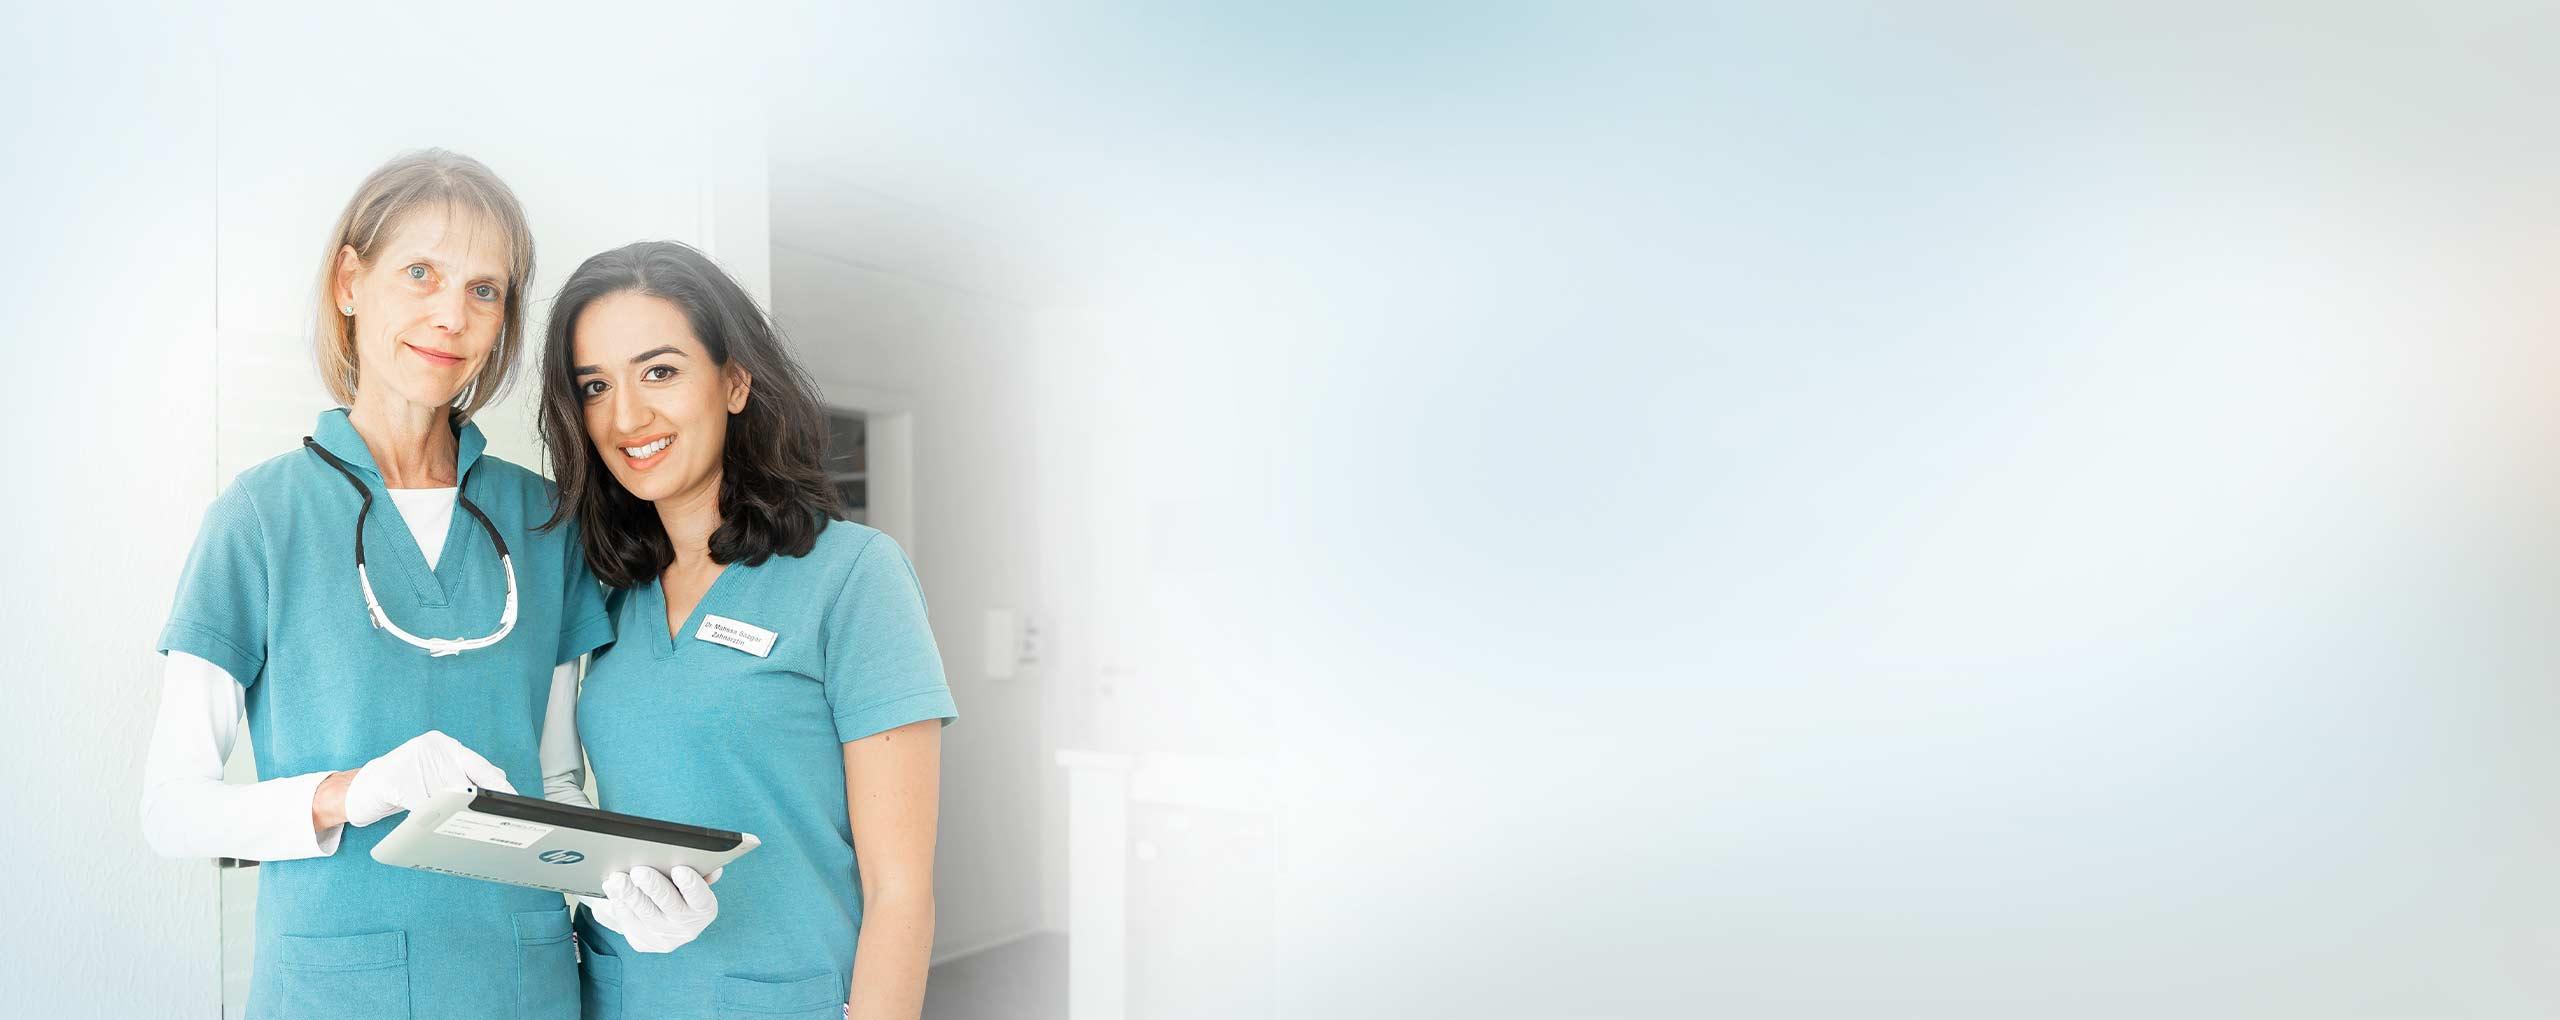 weickum zahnarzt mannheim behandlungsspektrum header desktop